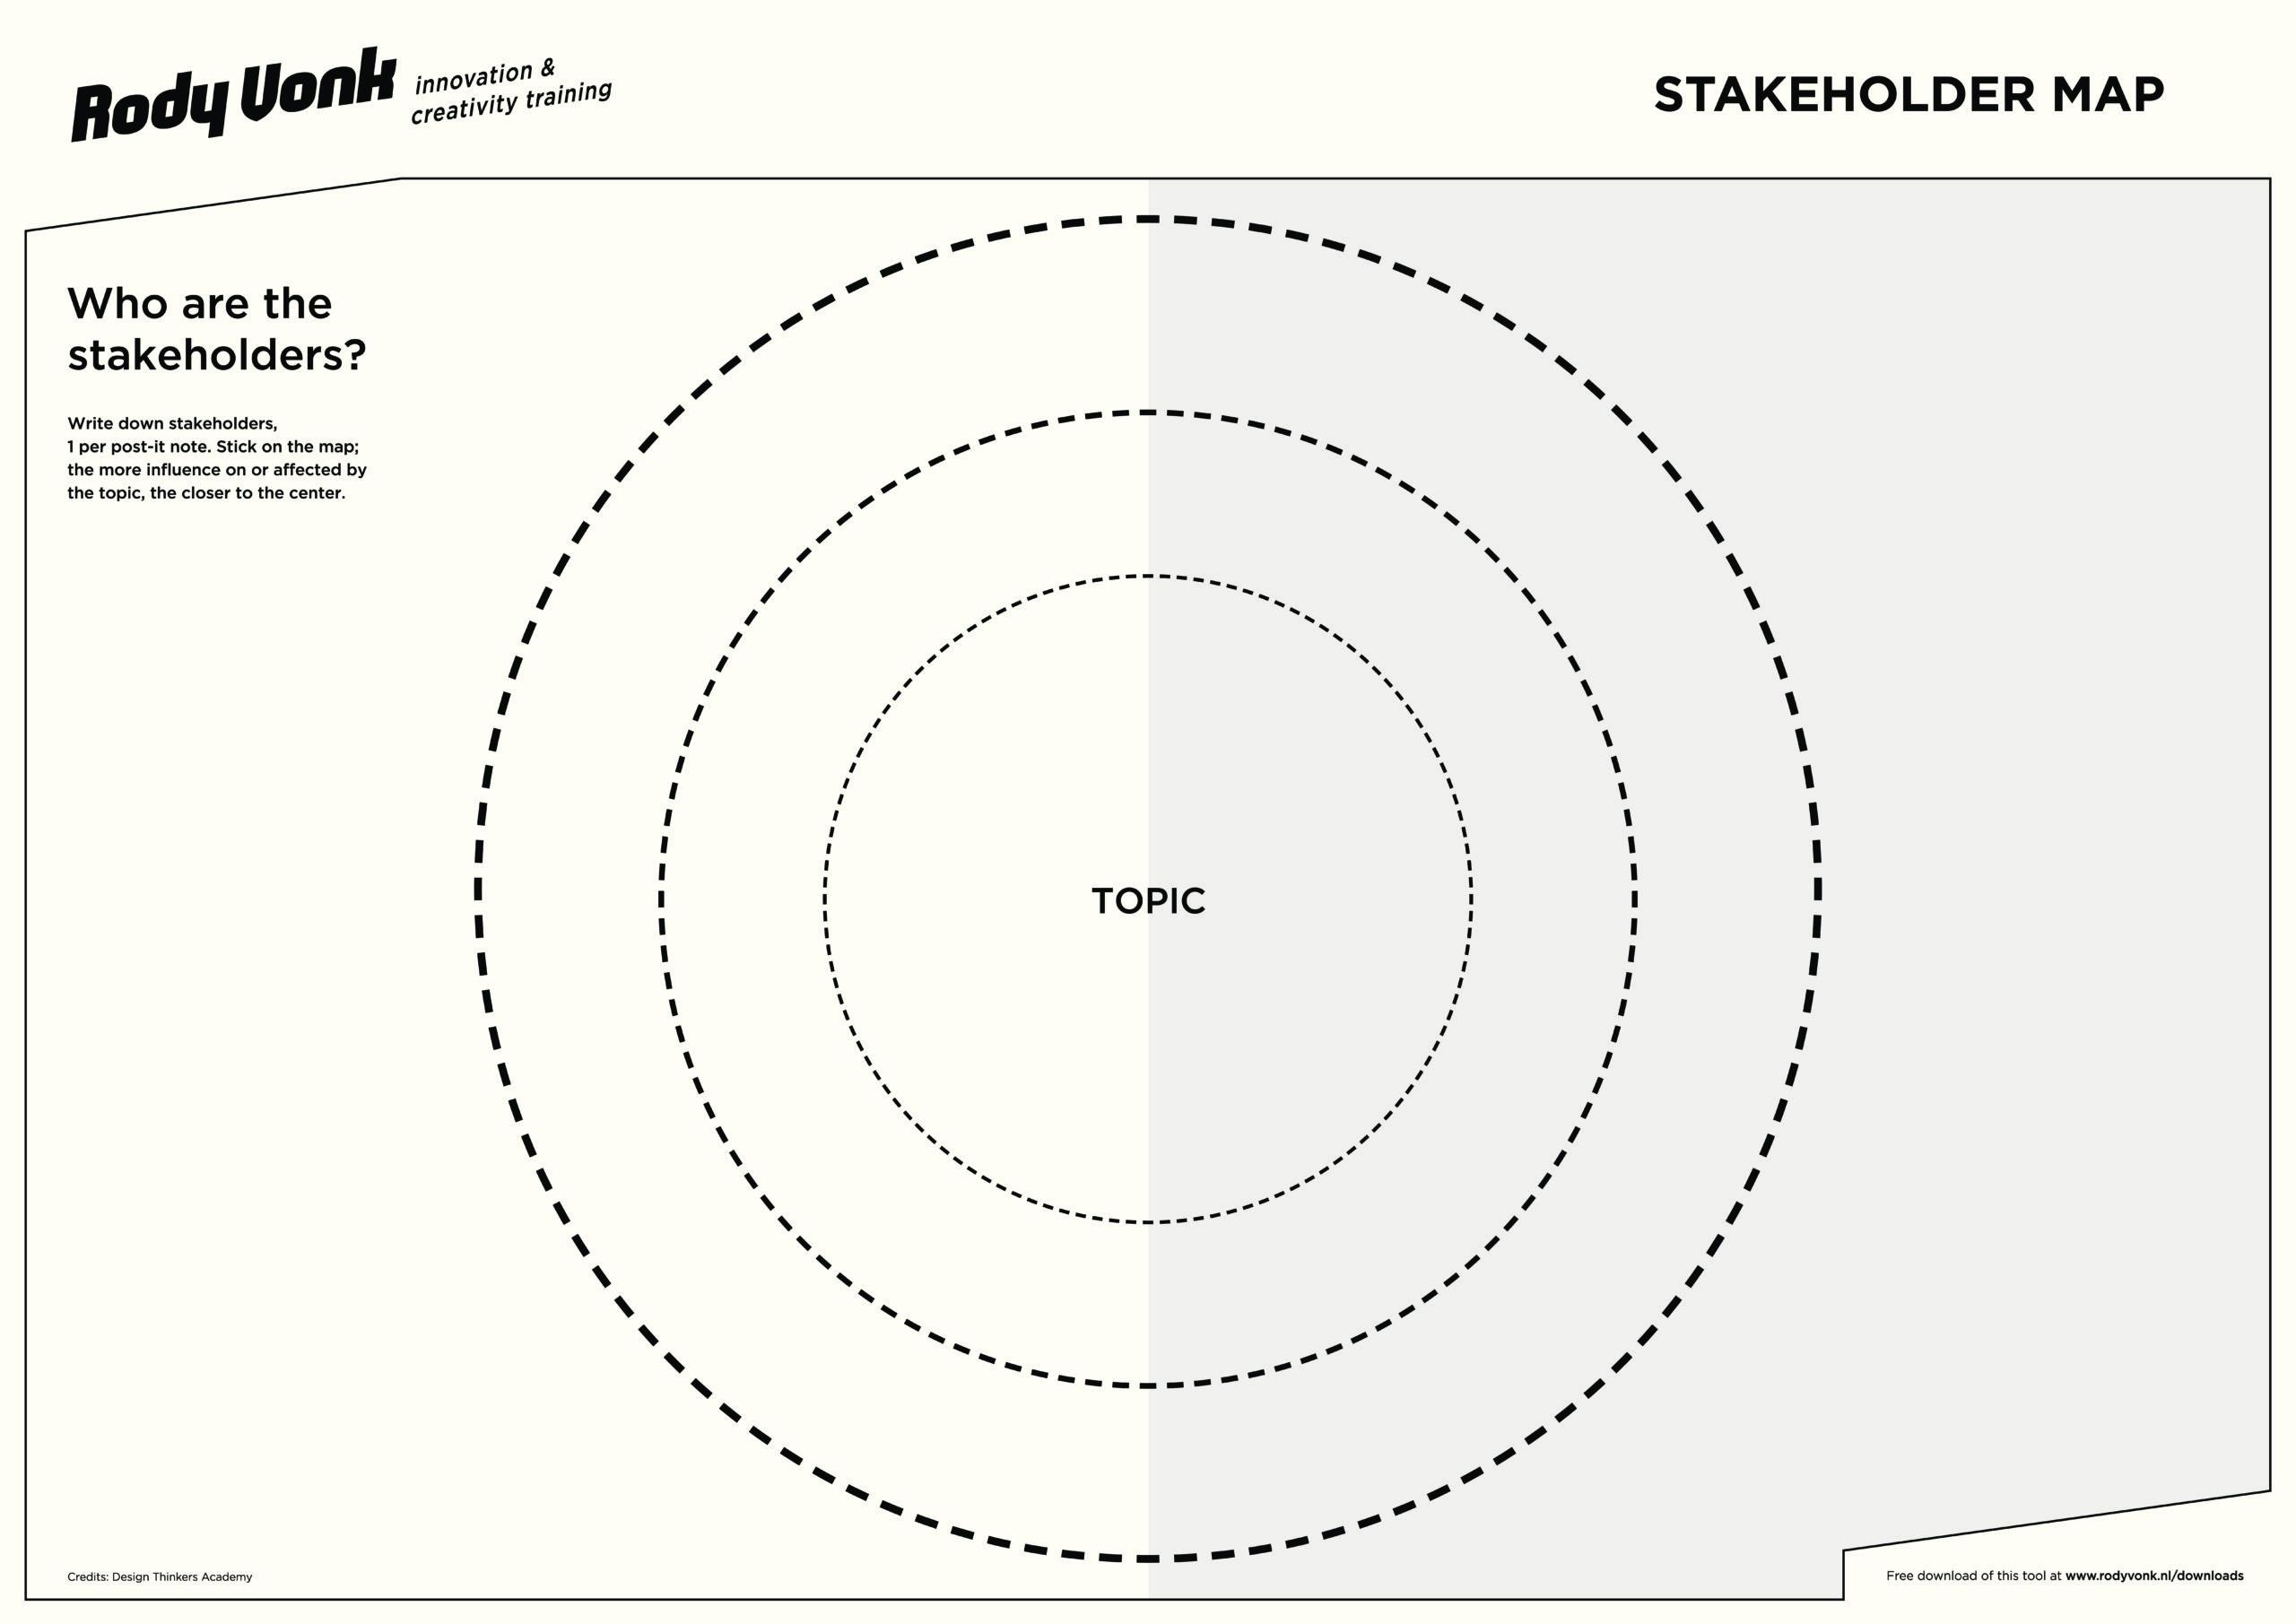 Free stakeholder map 27